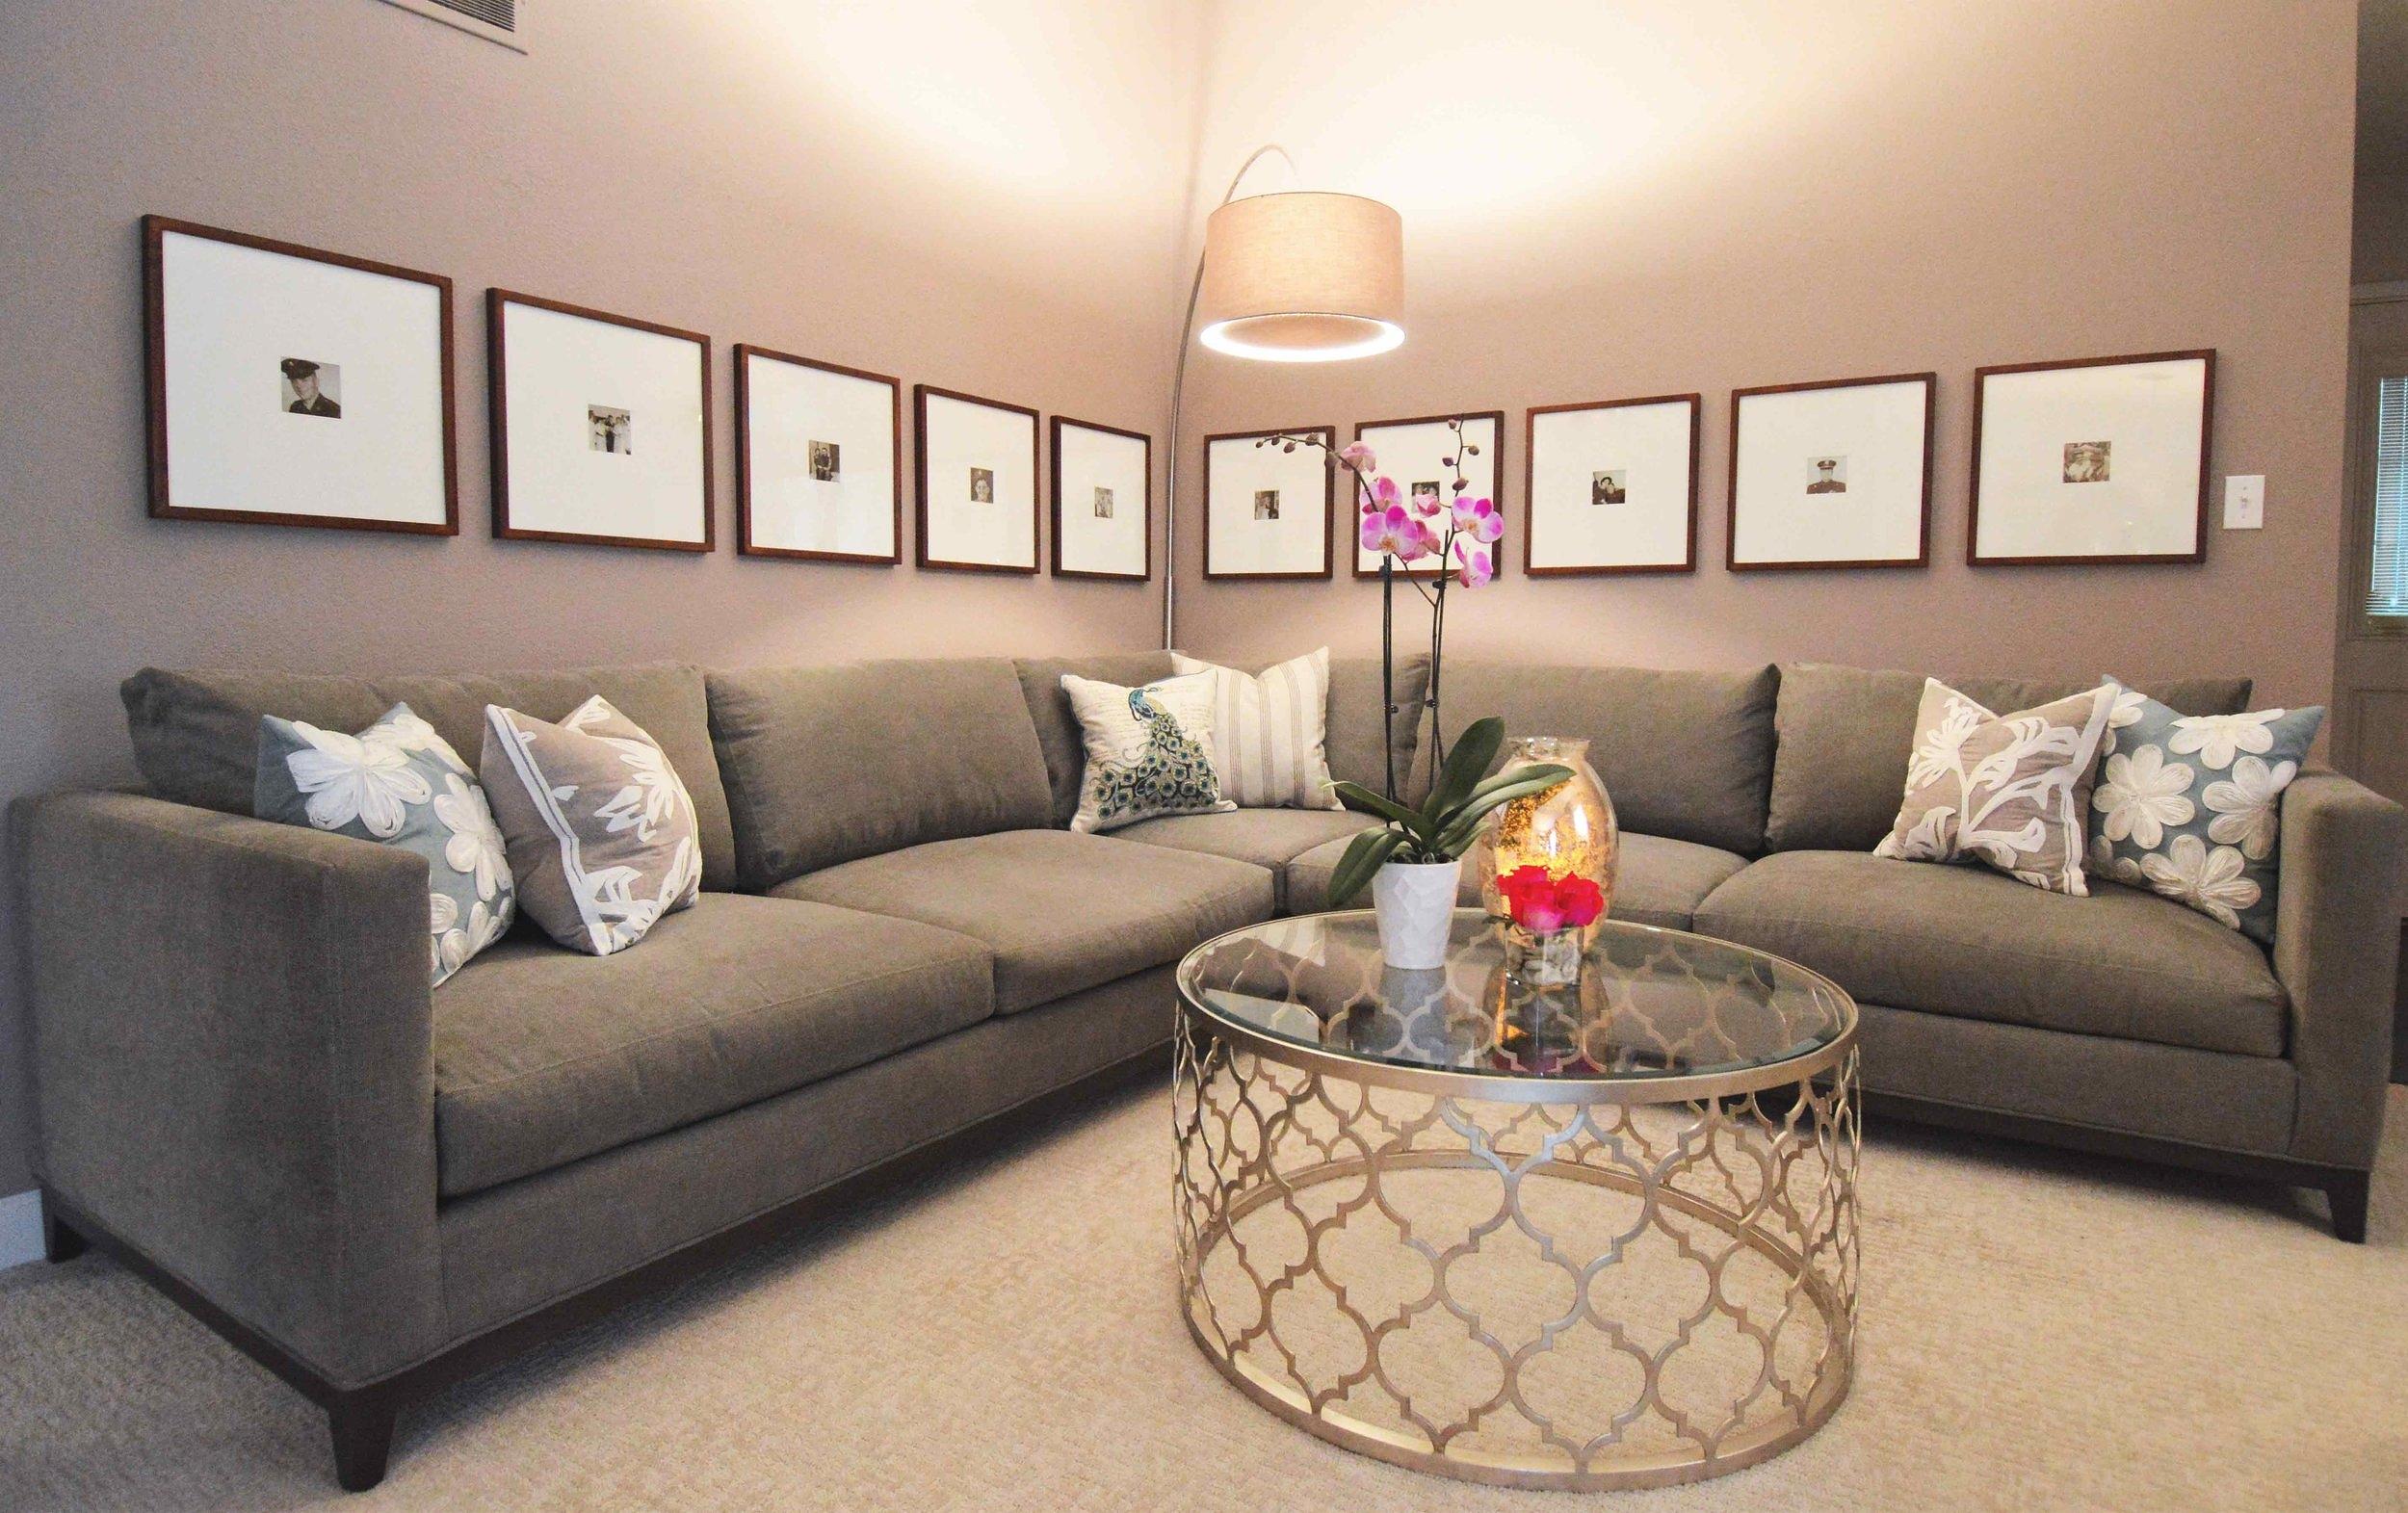 Living-room-2_optimized.jpg